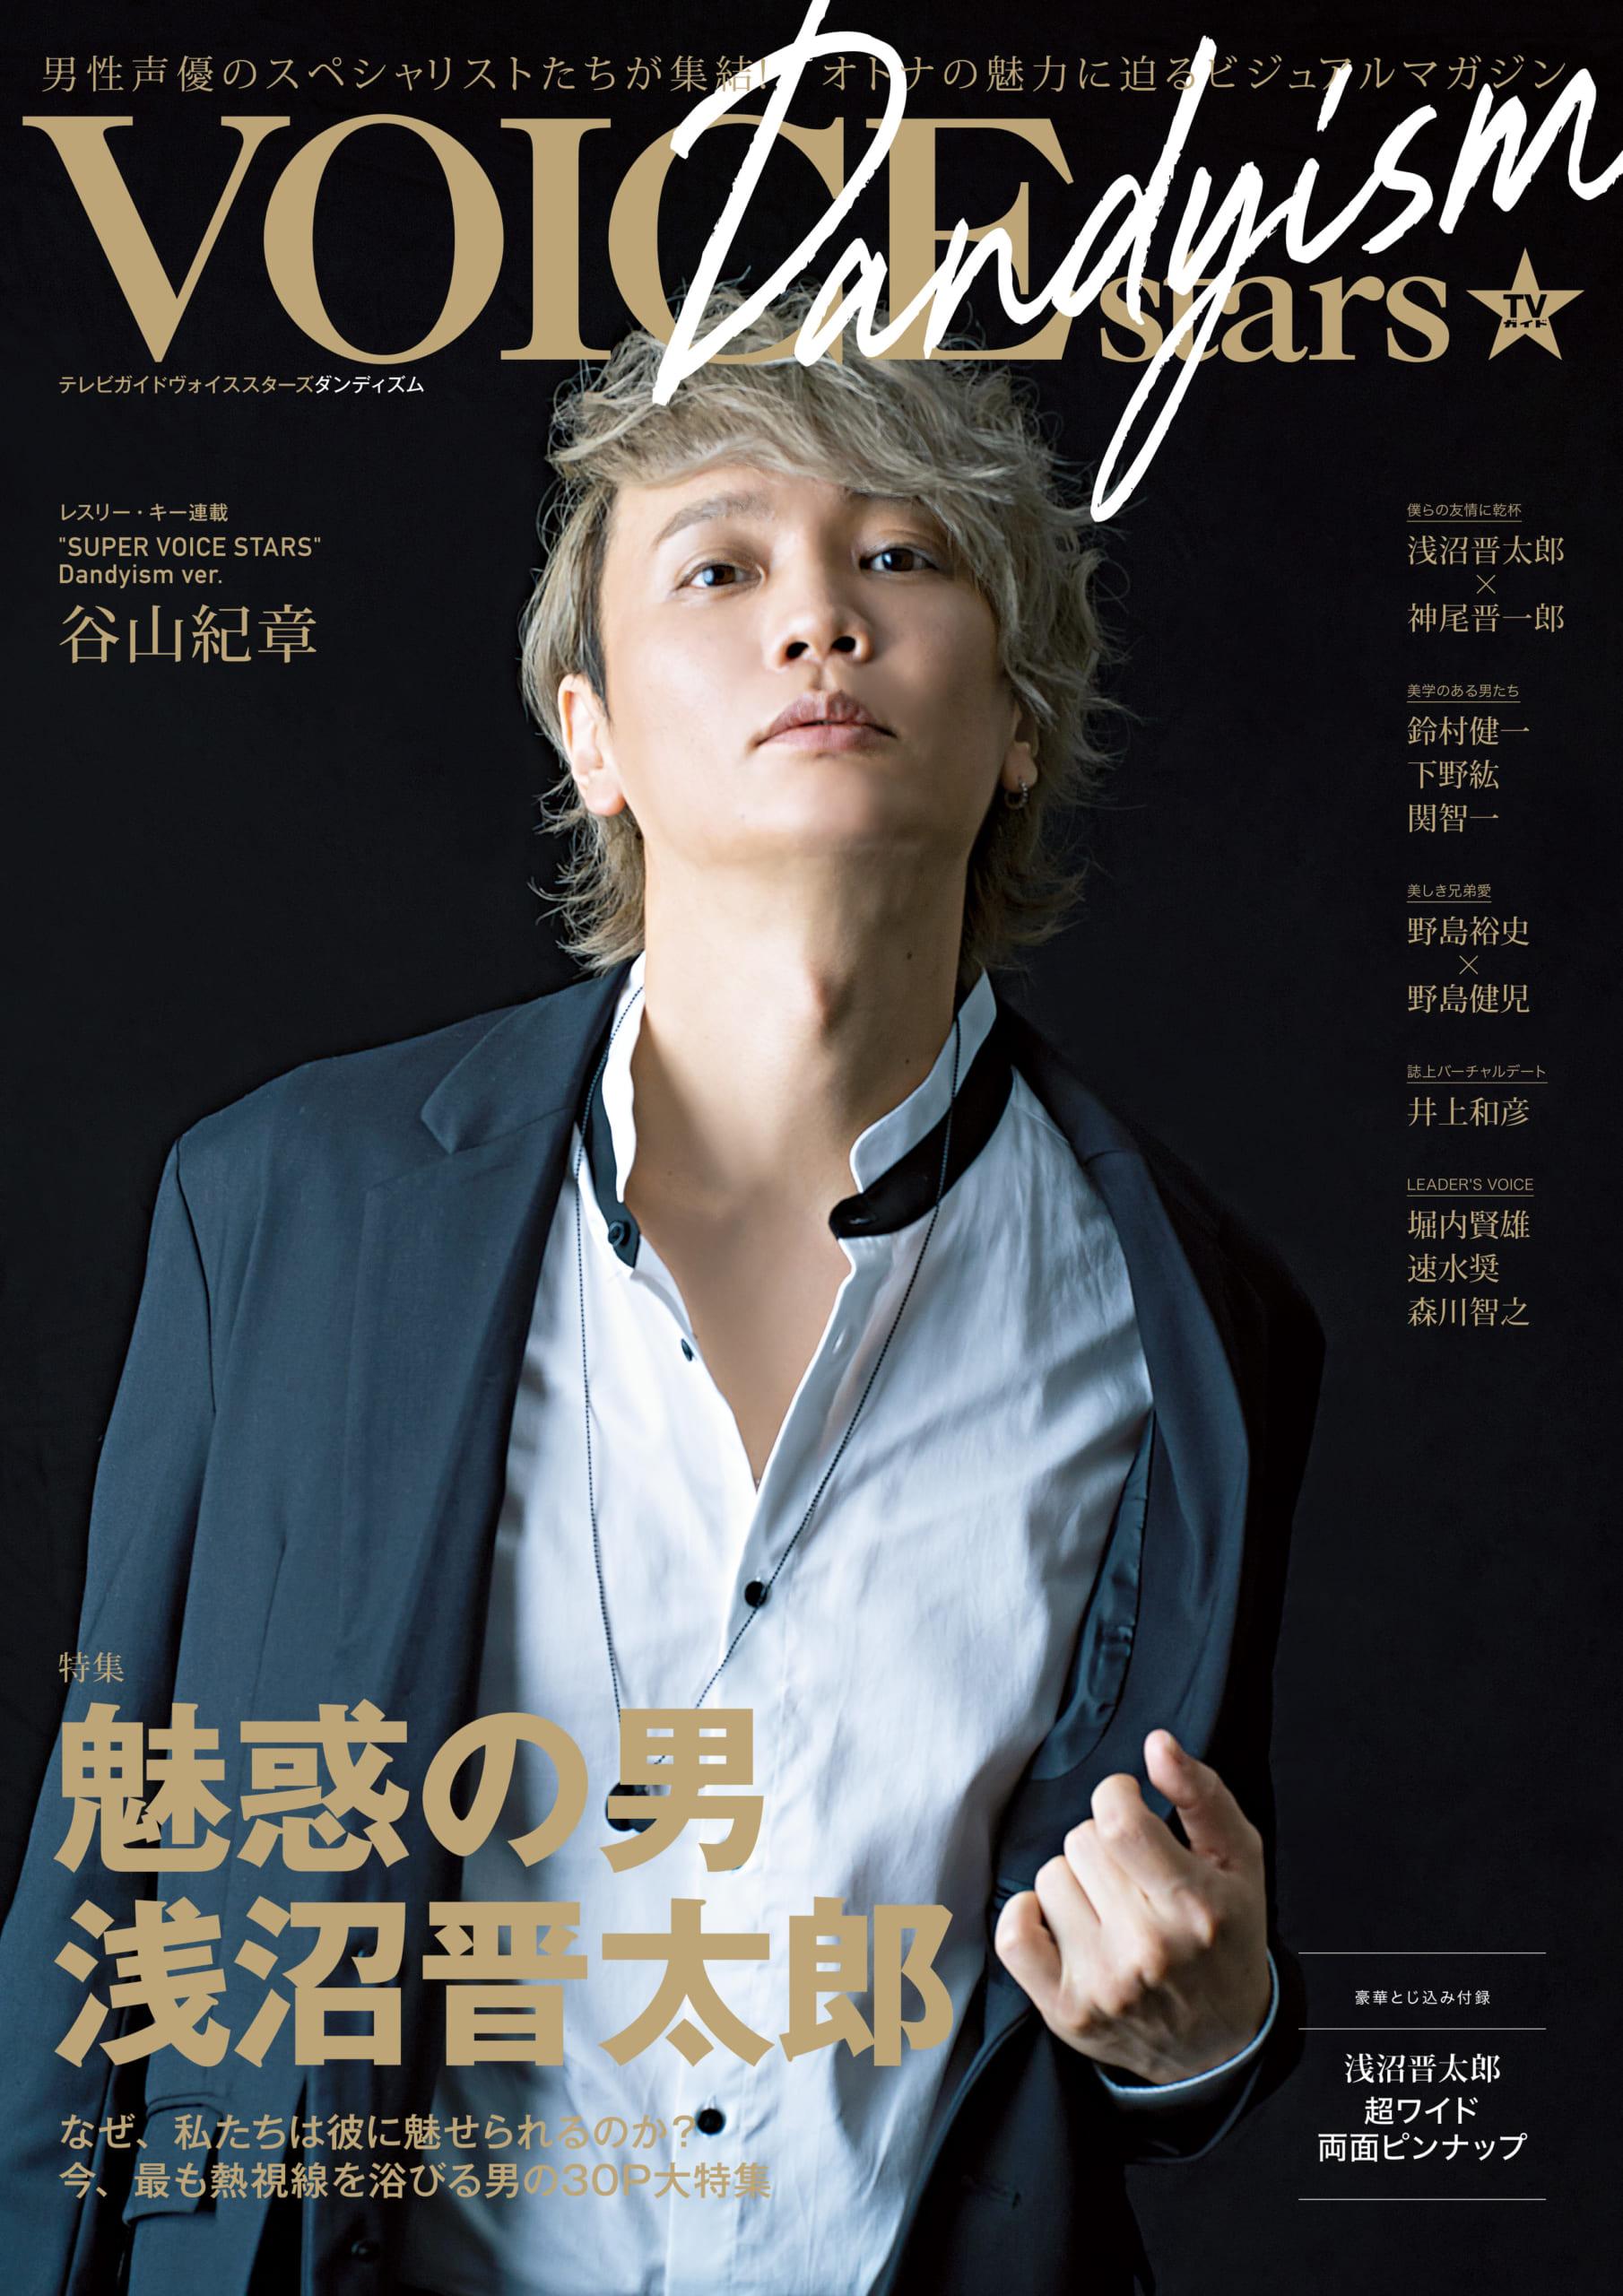 浅沼晋太郎さんの大人の魅力に迫る別冊「TVガイドVOICE STARS」表紙解禁!浅沼さんが周囲を魅了し続ける理由を探る